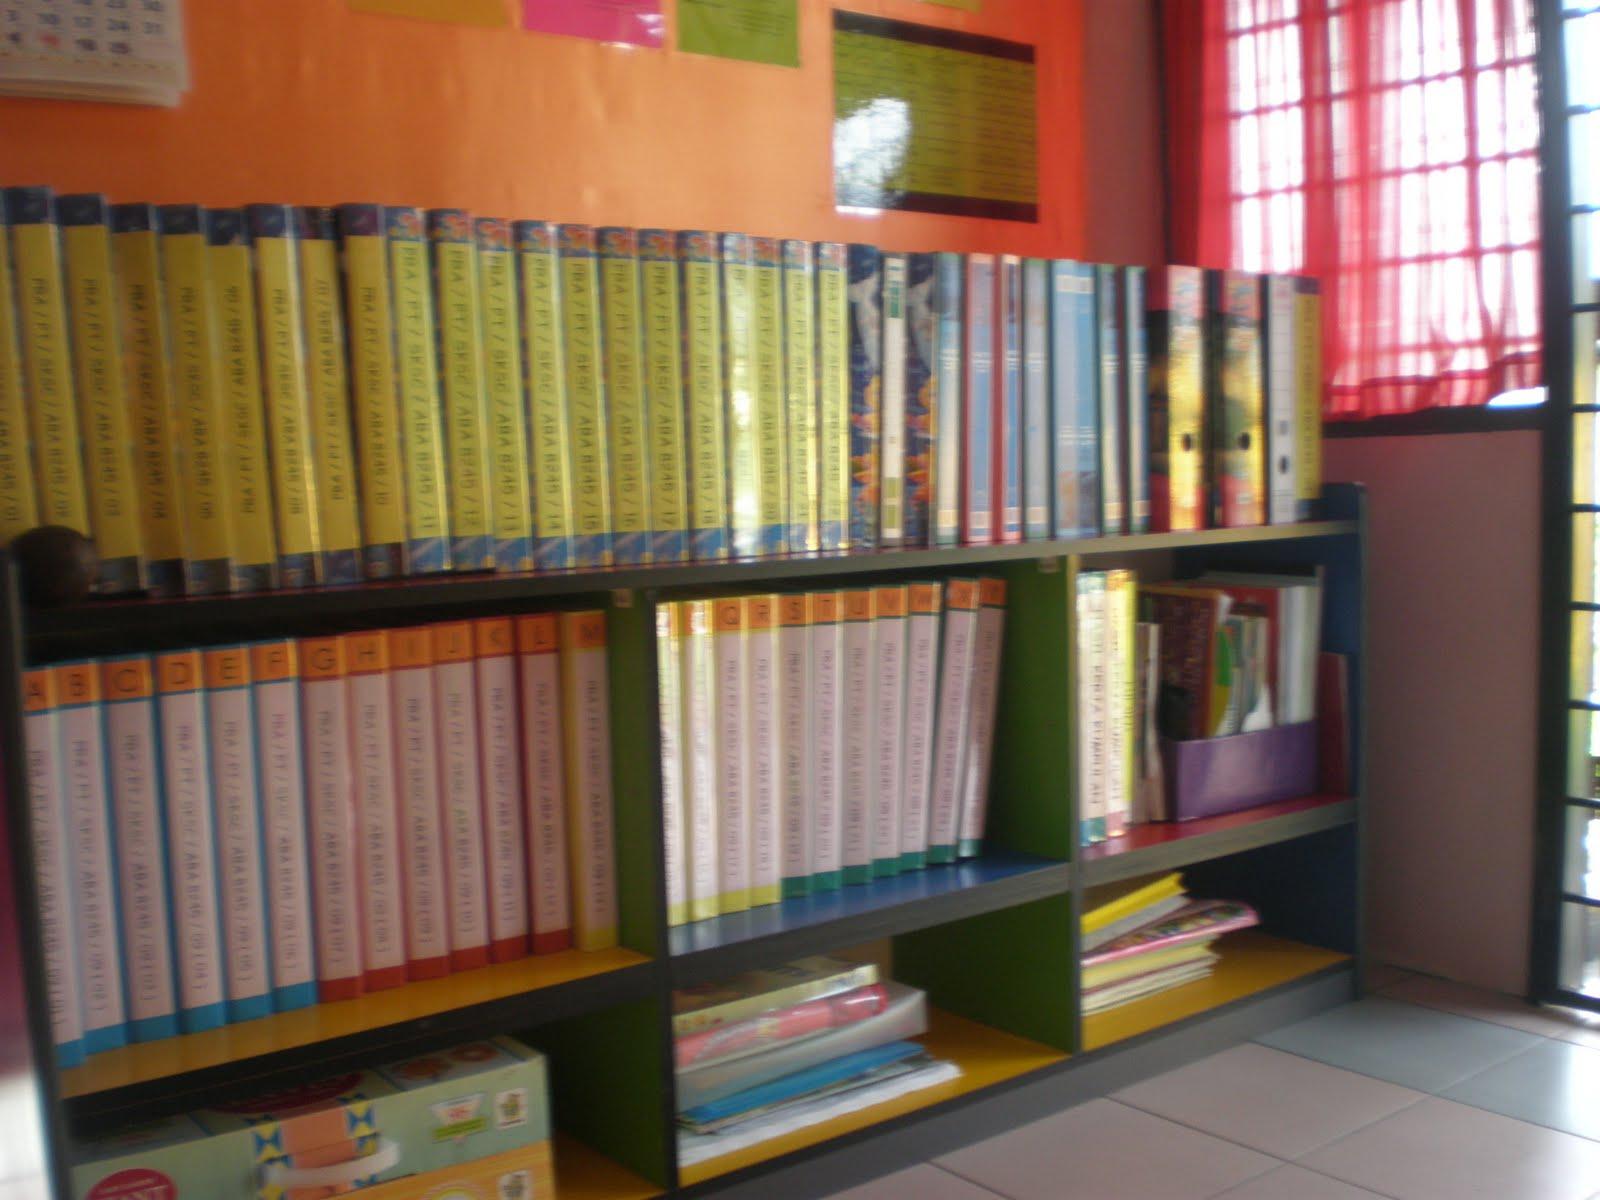 SK Balun Bidai, Kampung Gajah - Malaysian Education